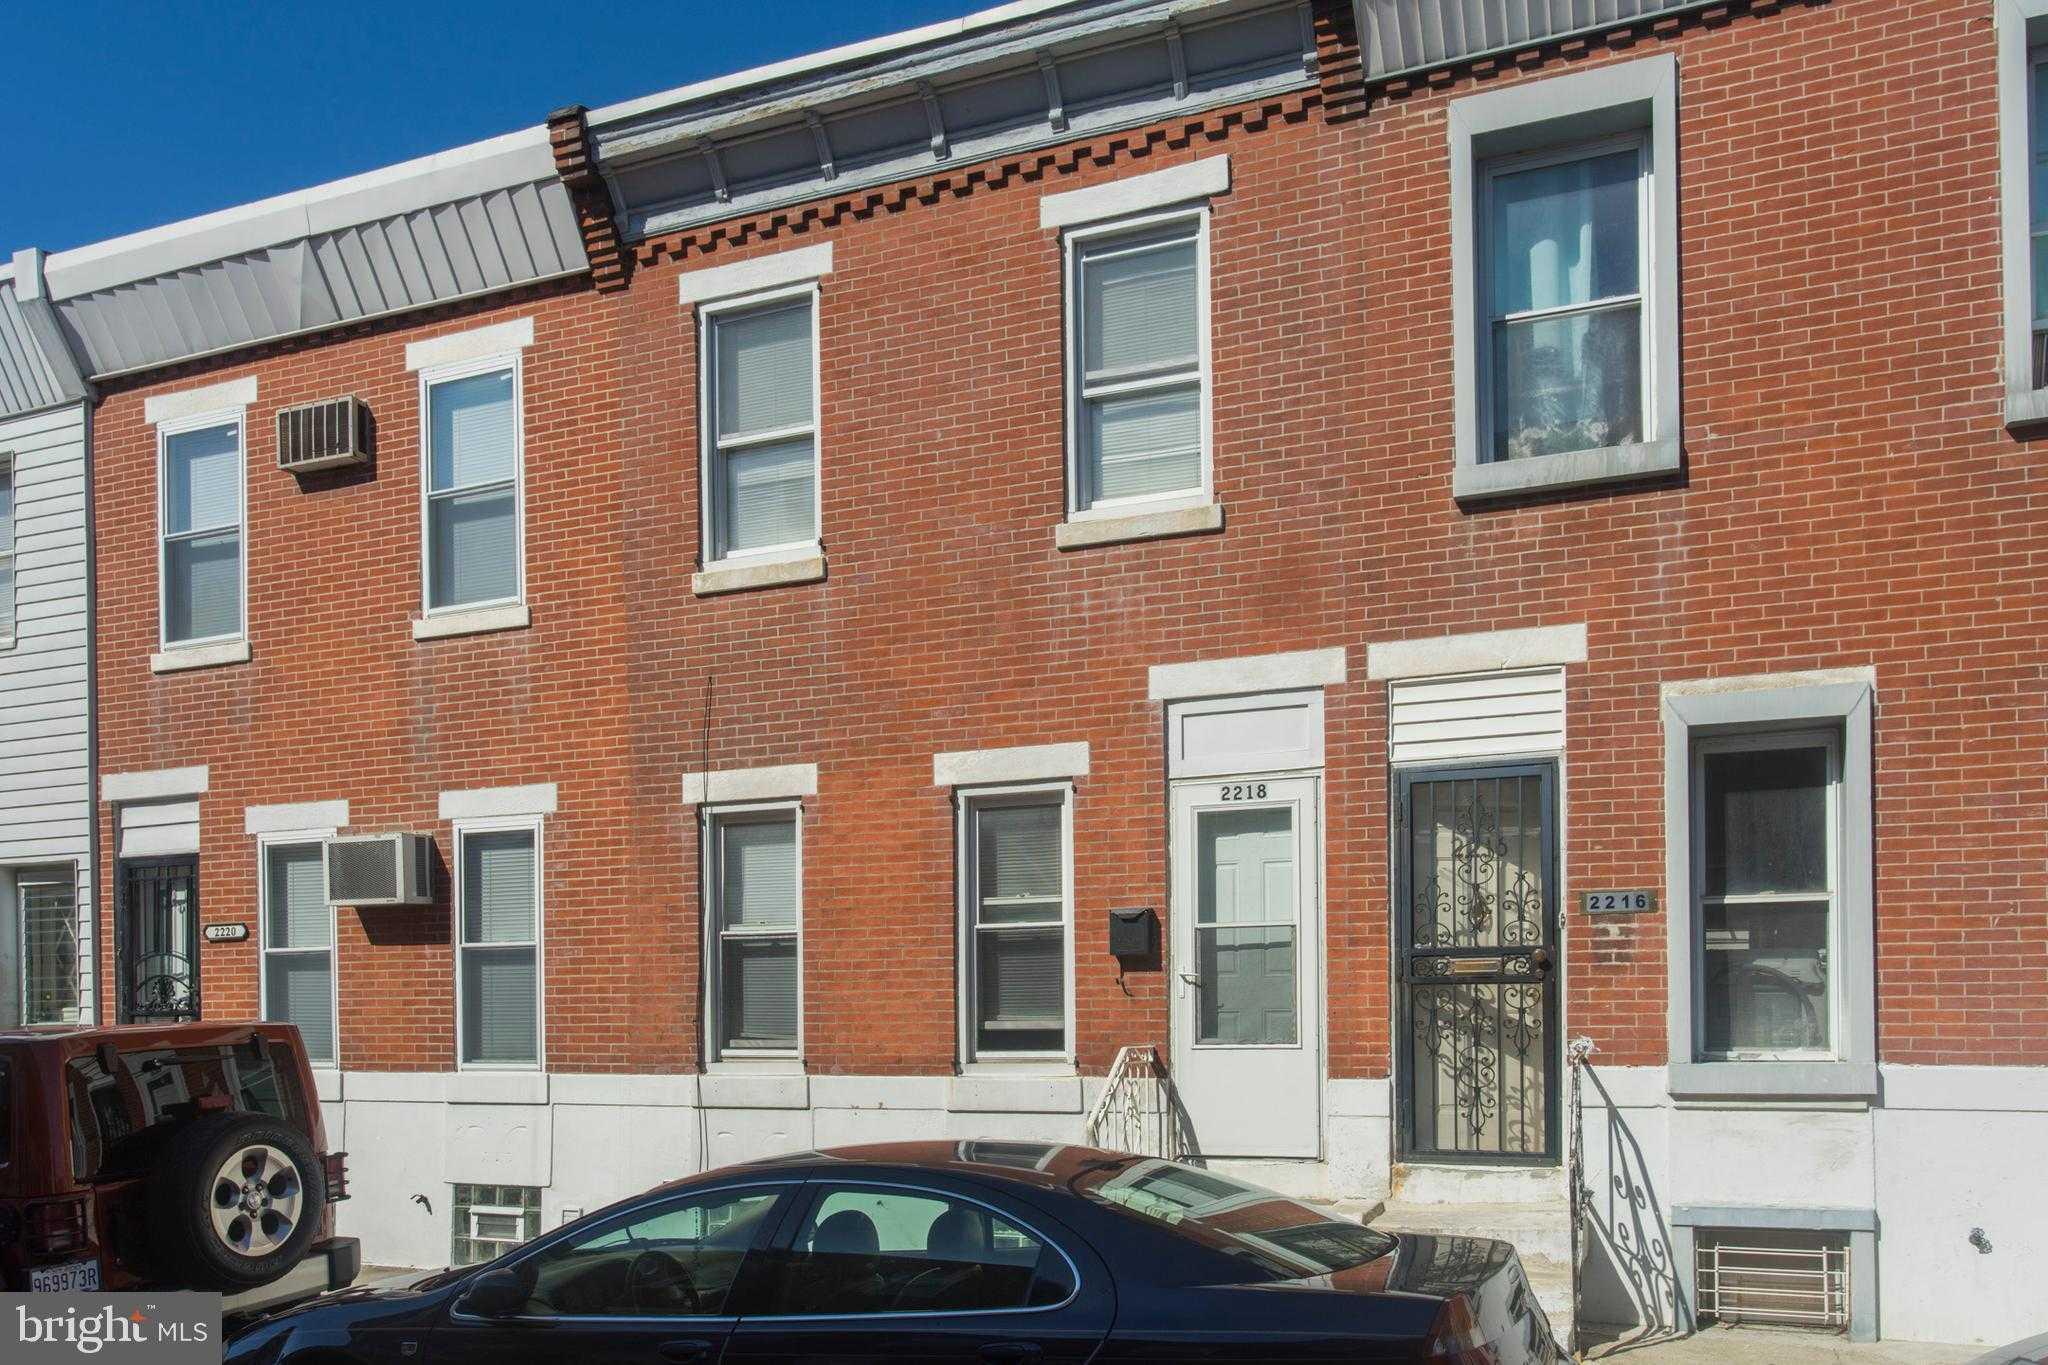 $225,000 - 3Br/2Ba -  for Sale in Phila (south), Philadelphia